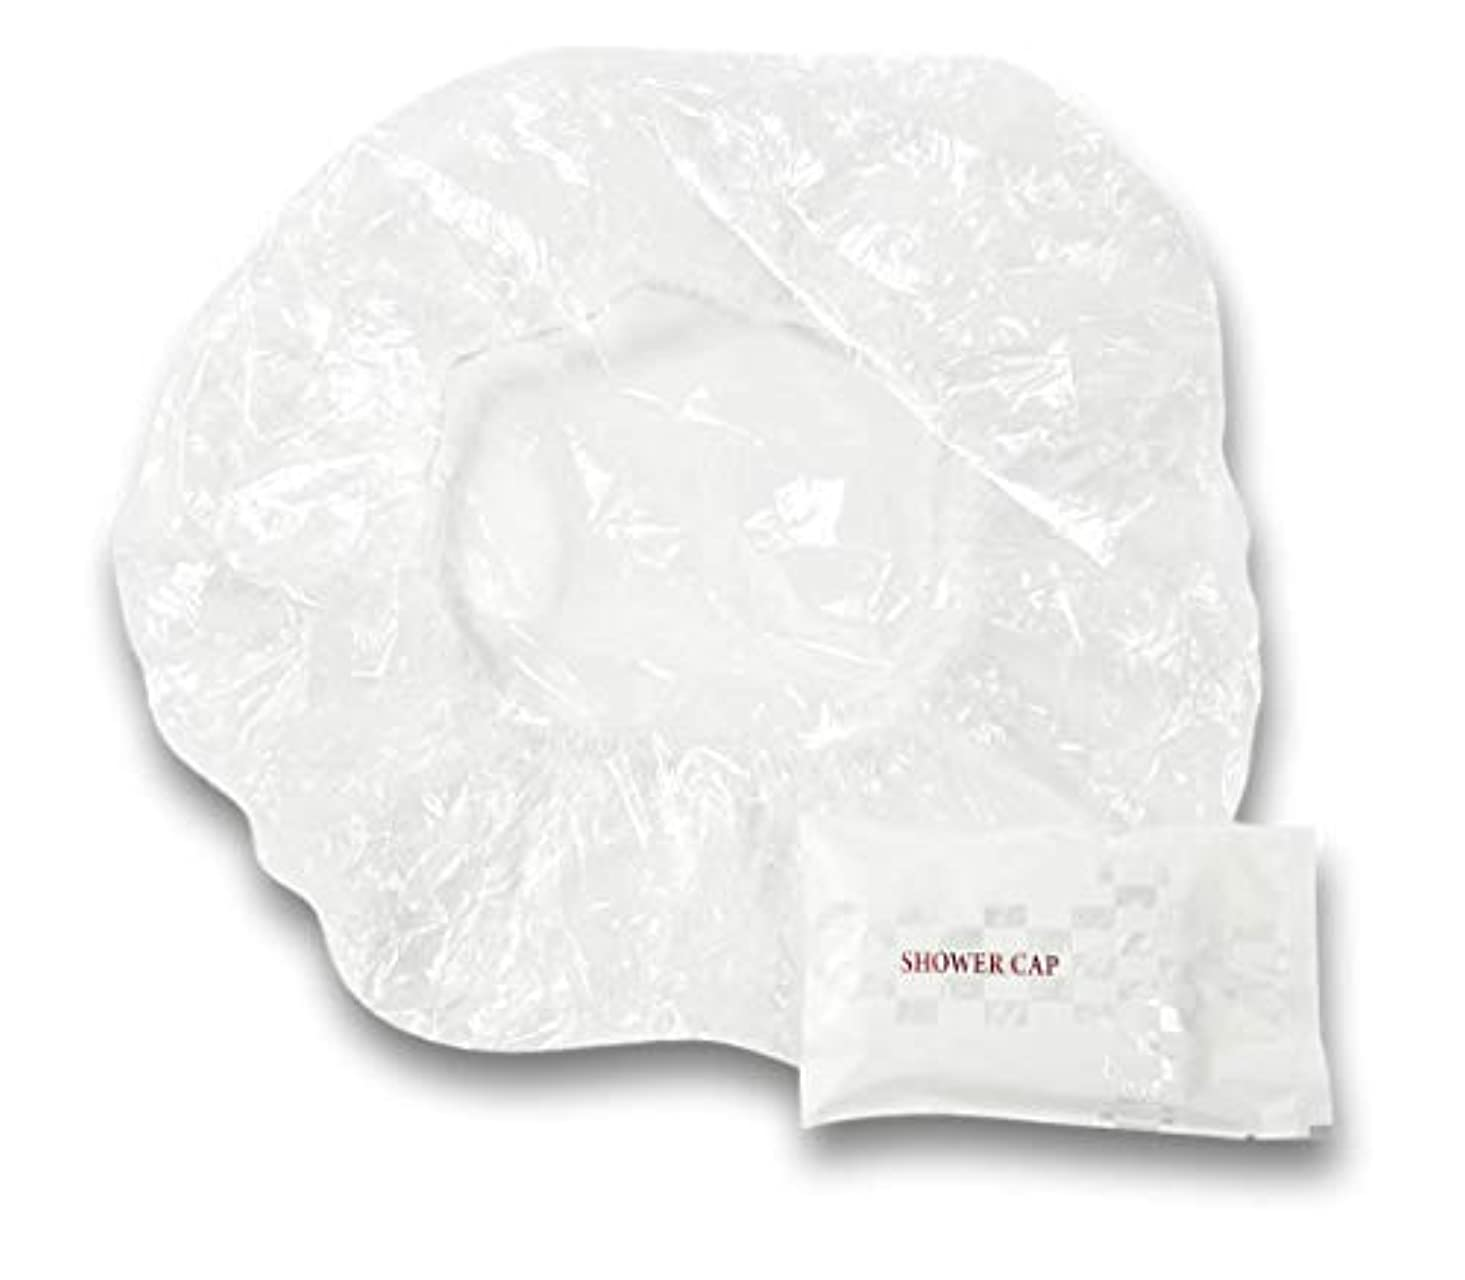 リッチ神聖関税ラティス シャワーキャップ 業務用 個別包装100入り 使い捨てキャップ